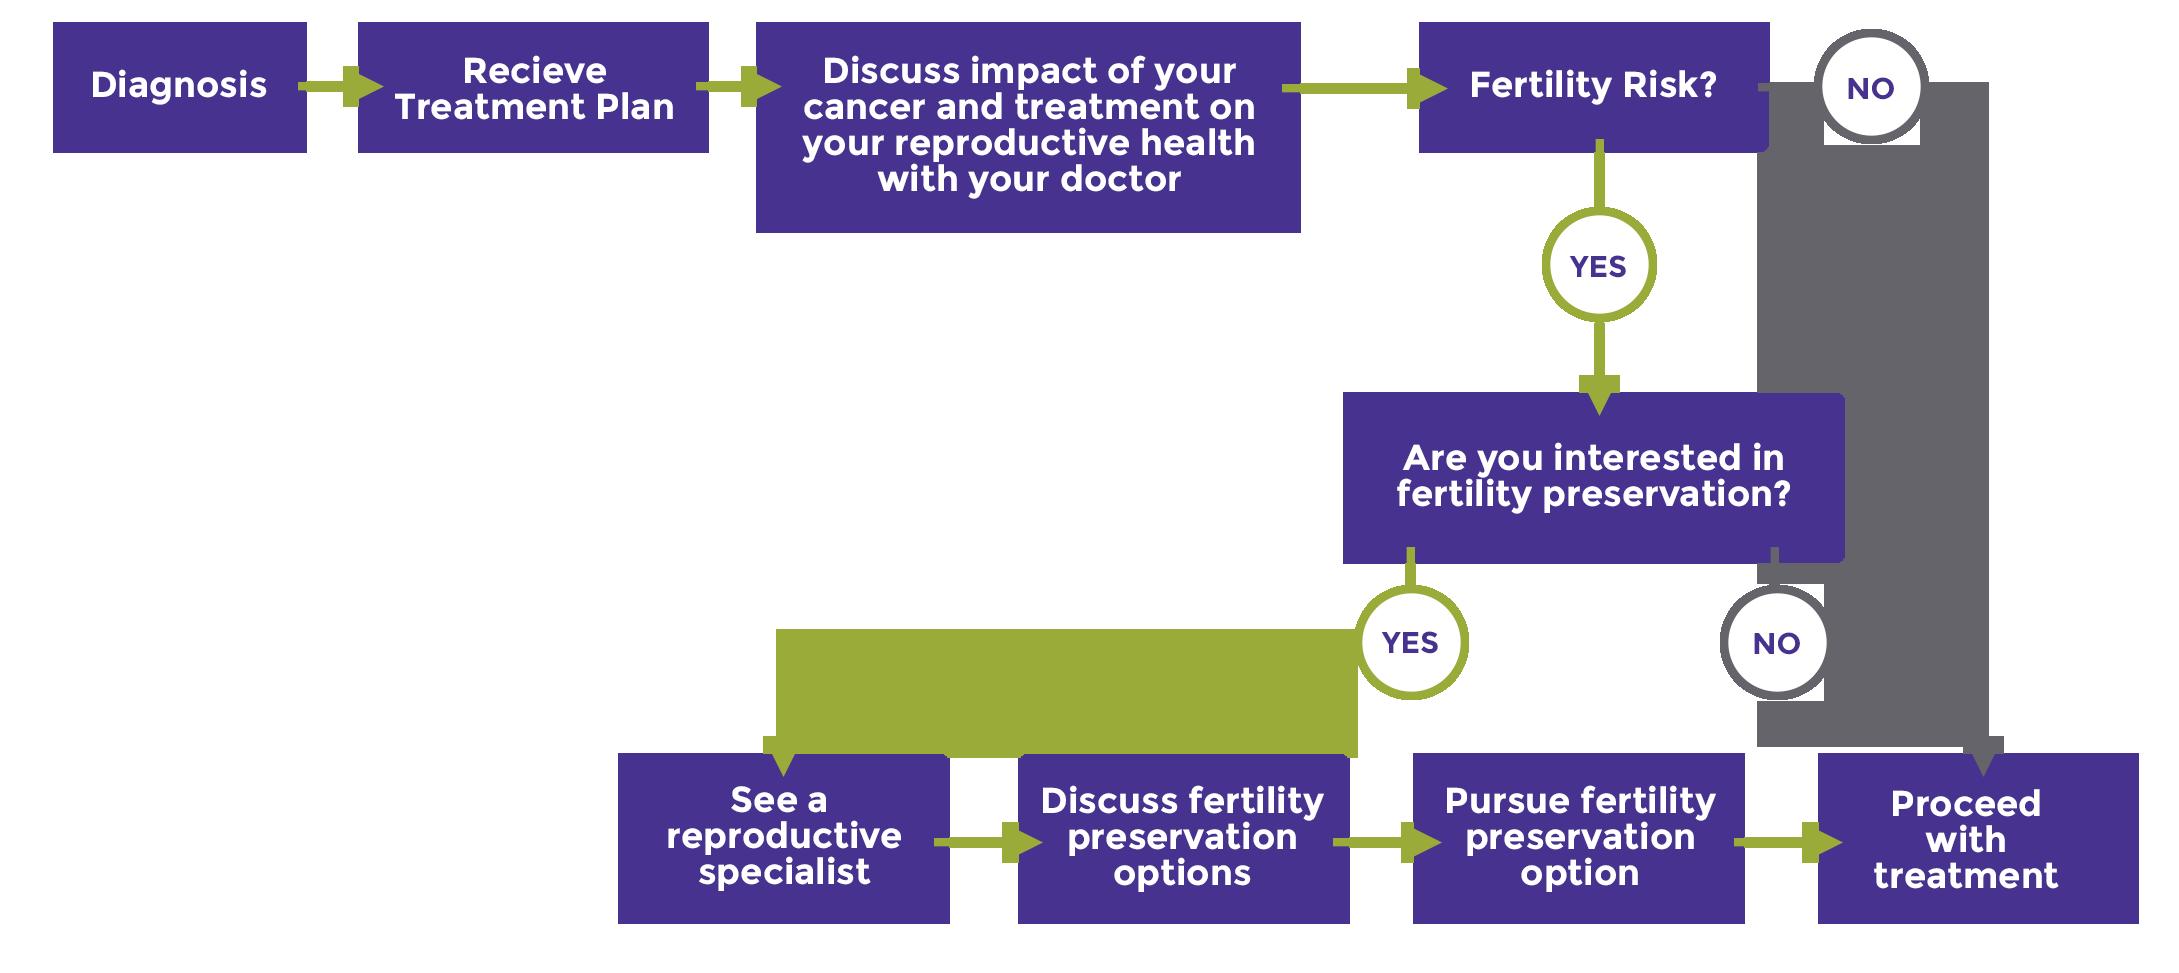 PatientWomens_OptionsChart_1.png